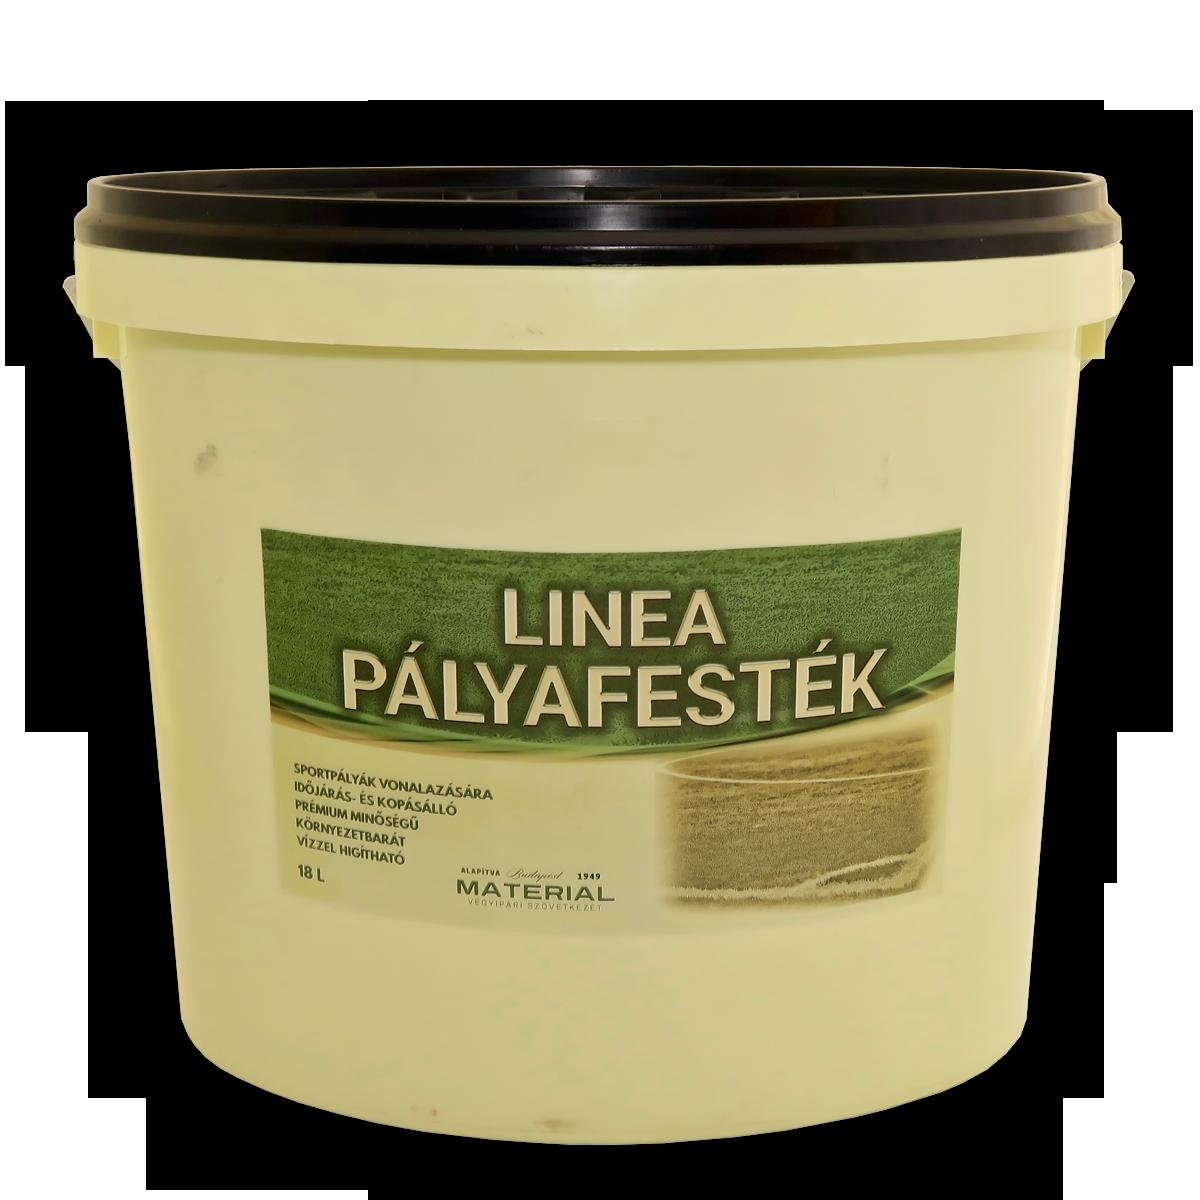 LINEA pályafesték